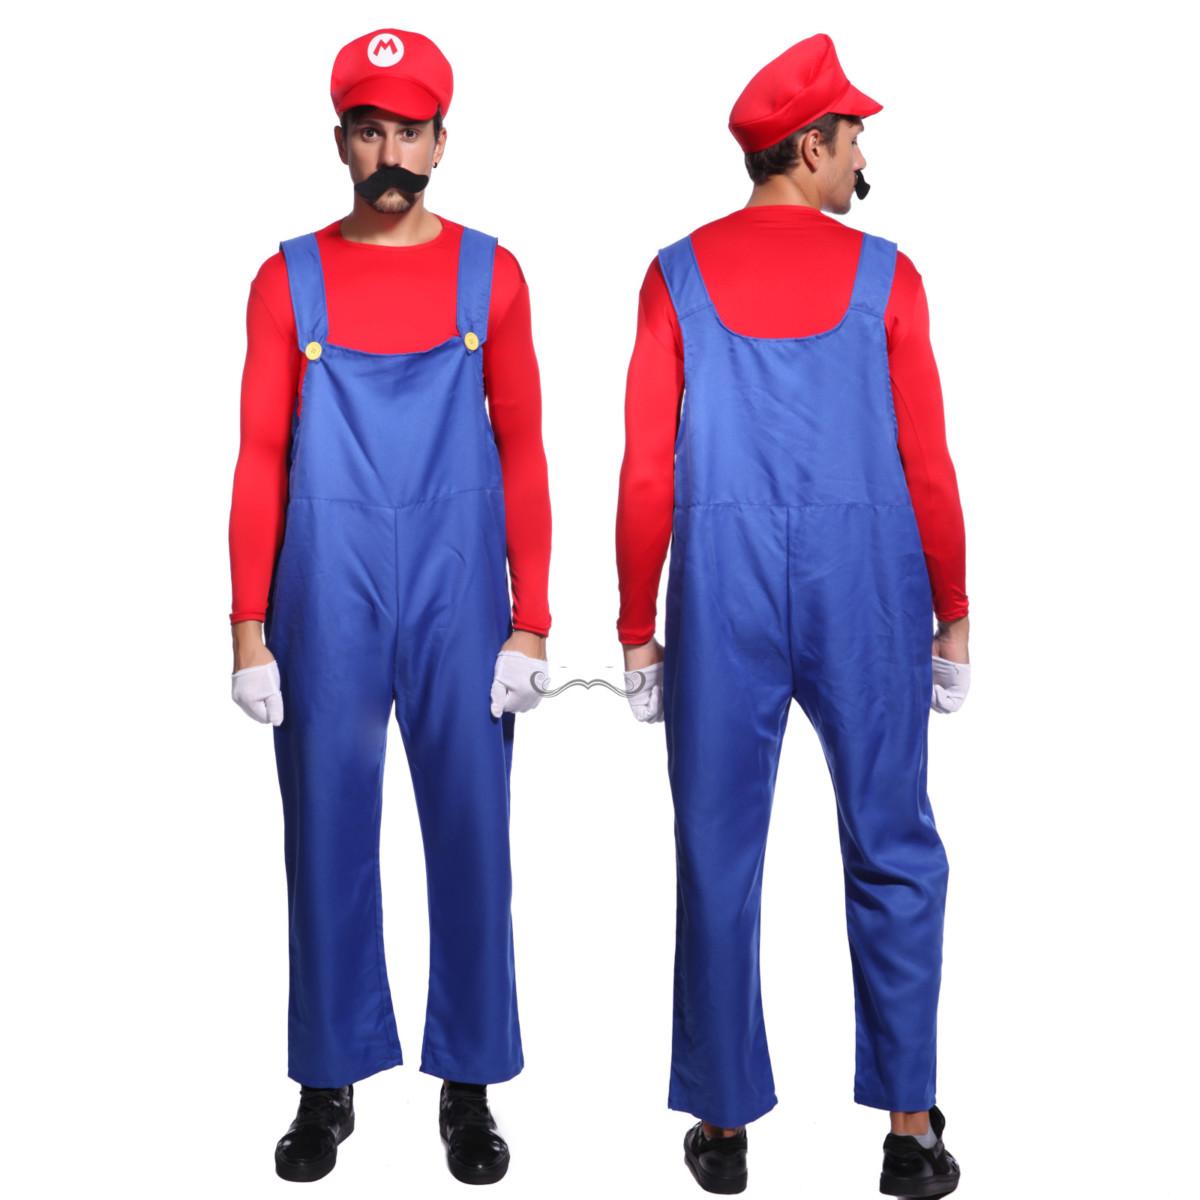 Costume deguisement Super Mario Luigi Toad femme homme fete rouge vert